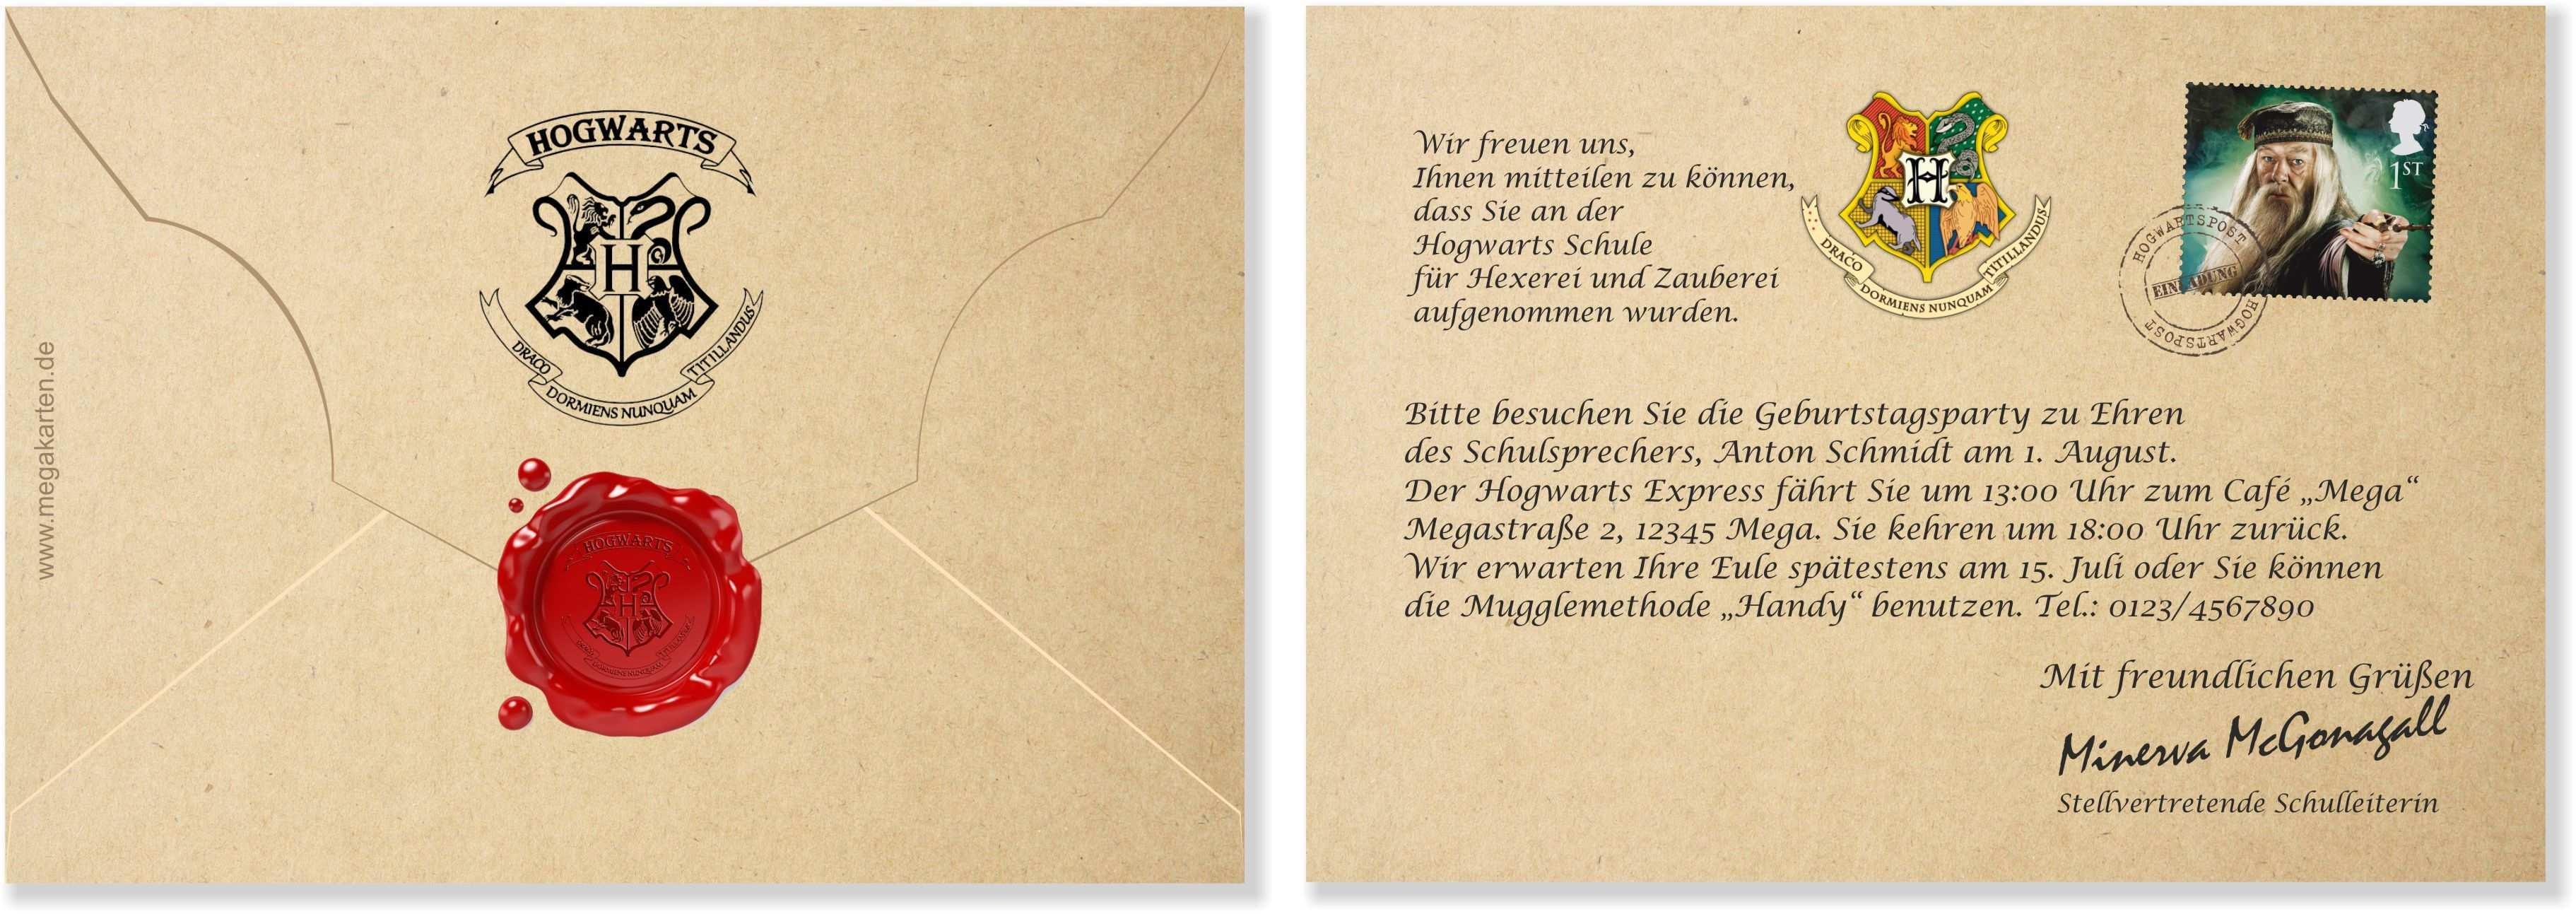 Harry Potter Geburtstagseinladung Vorlage Geburtstagseinladungen Zum Ausdrucken Geburtstagseinladungen Einladungskarten Zum Ausdrucken